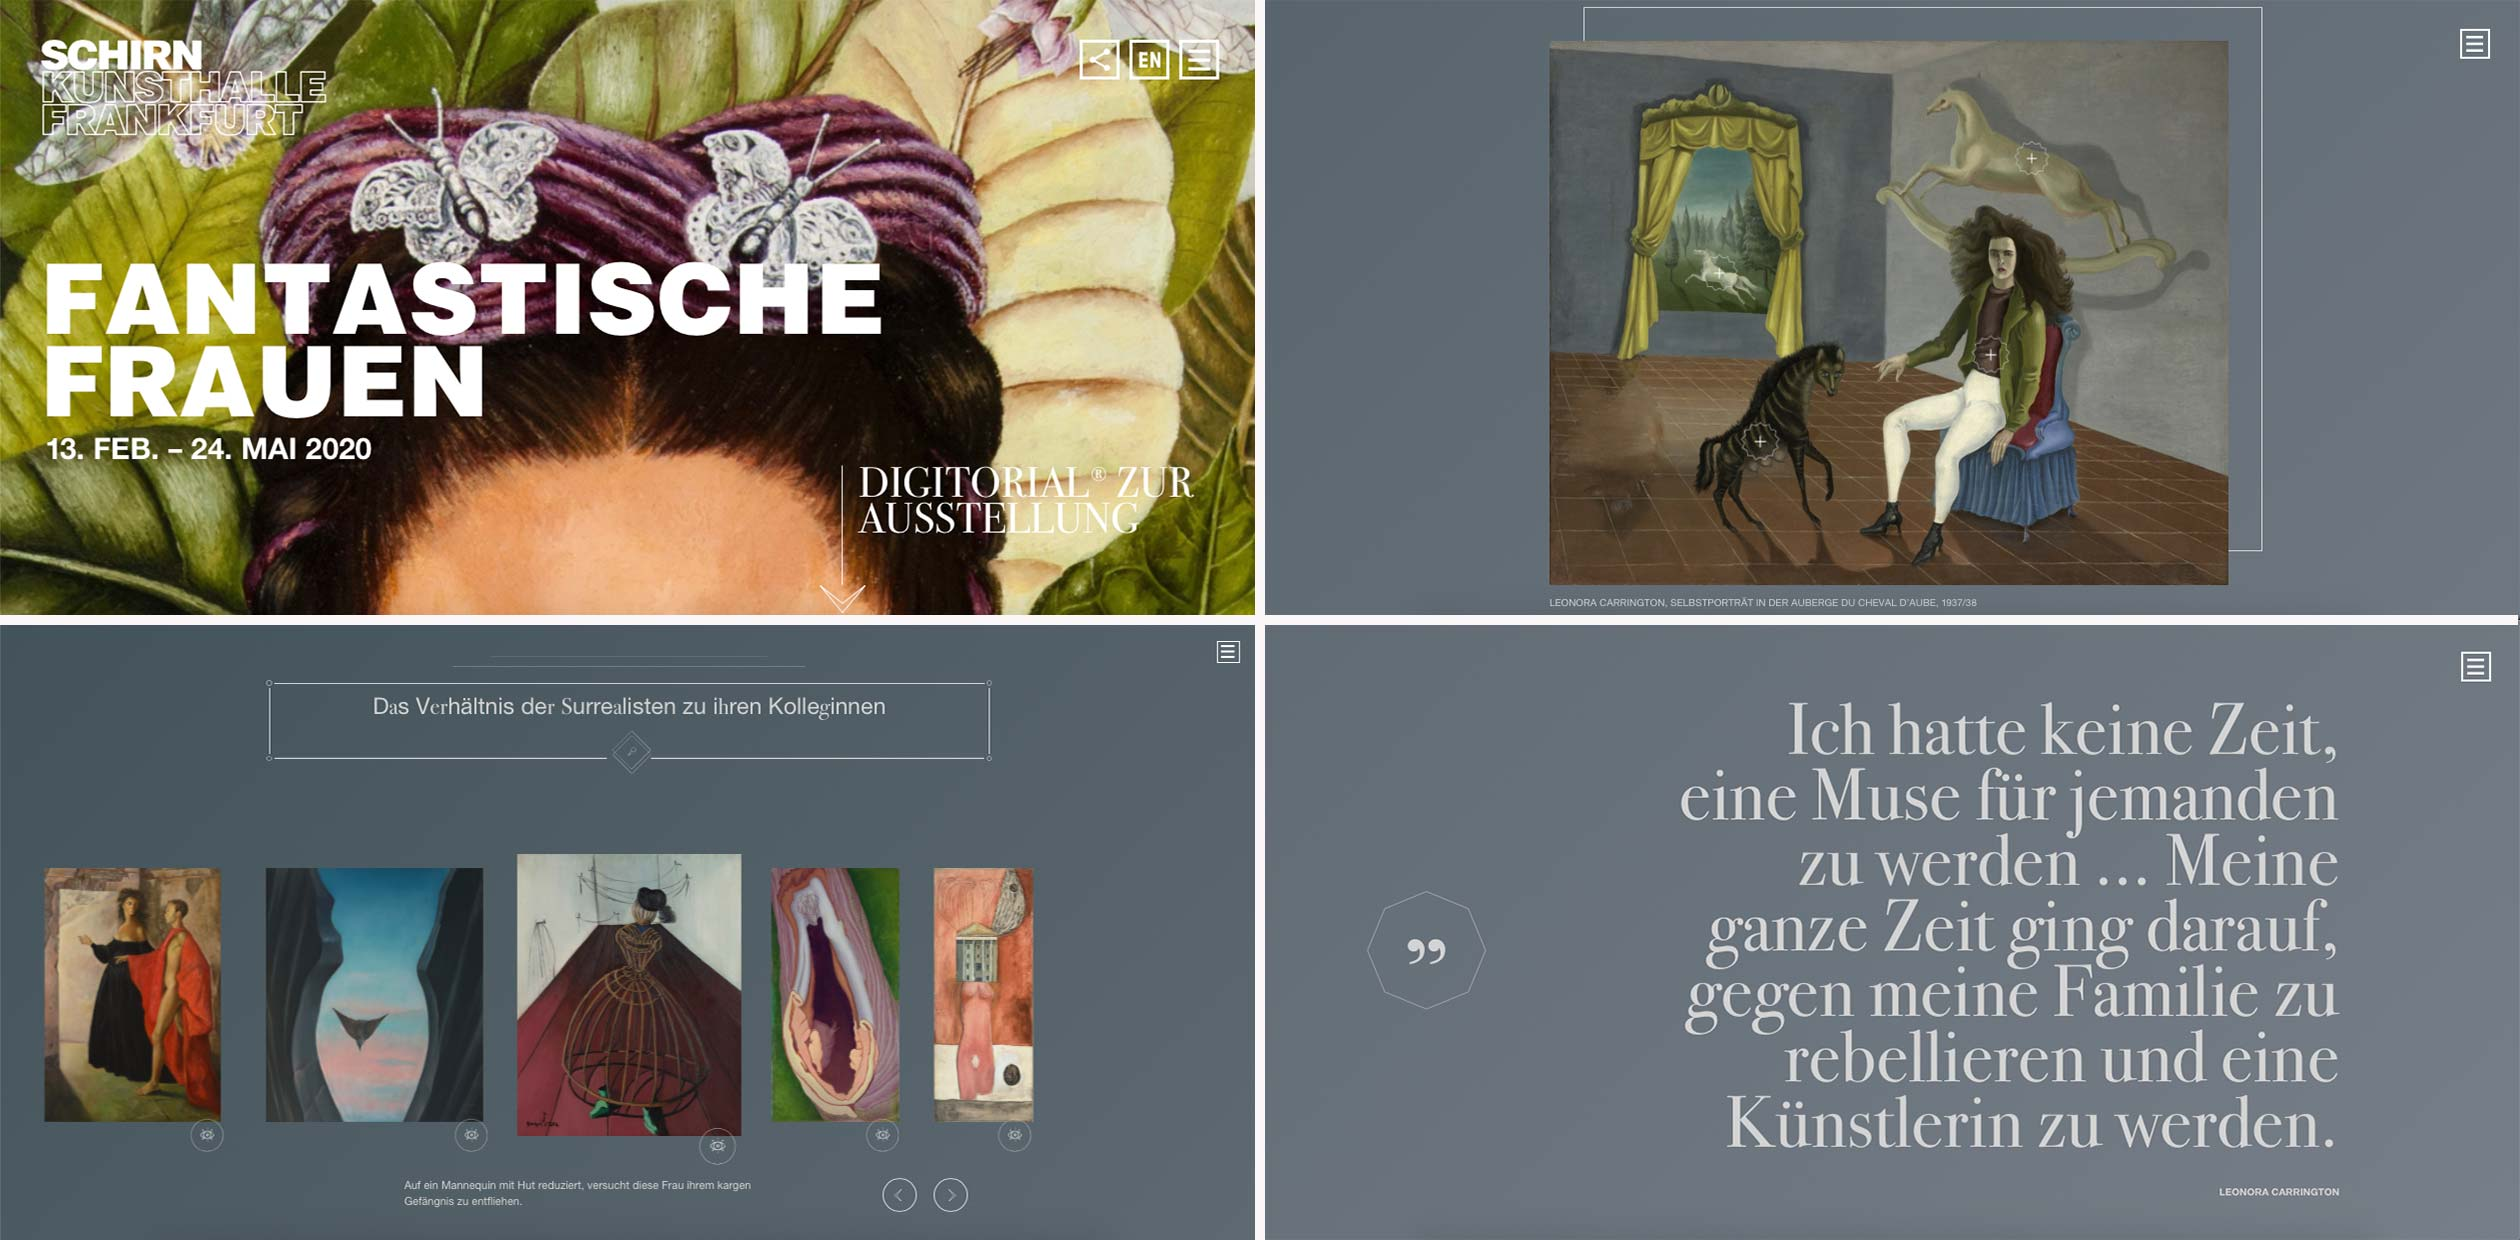 """Schirn - Digitorial zur Ausstellung """"Fantastische Frauen"""""""